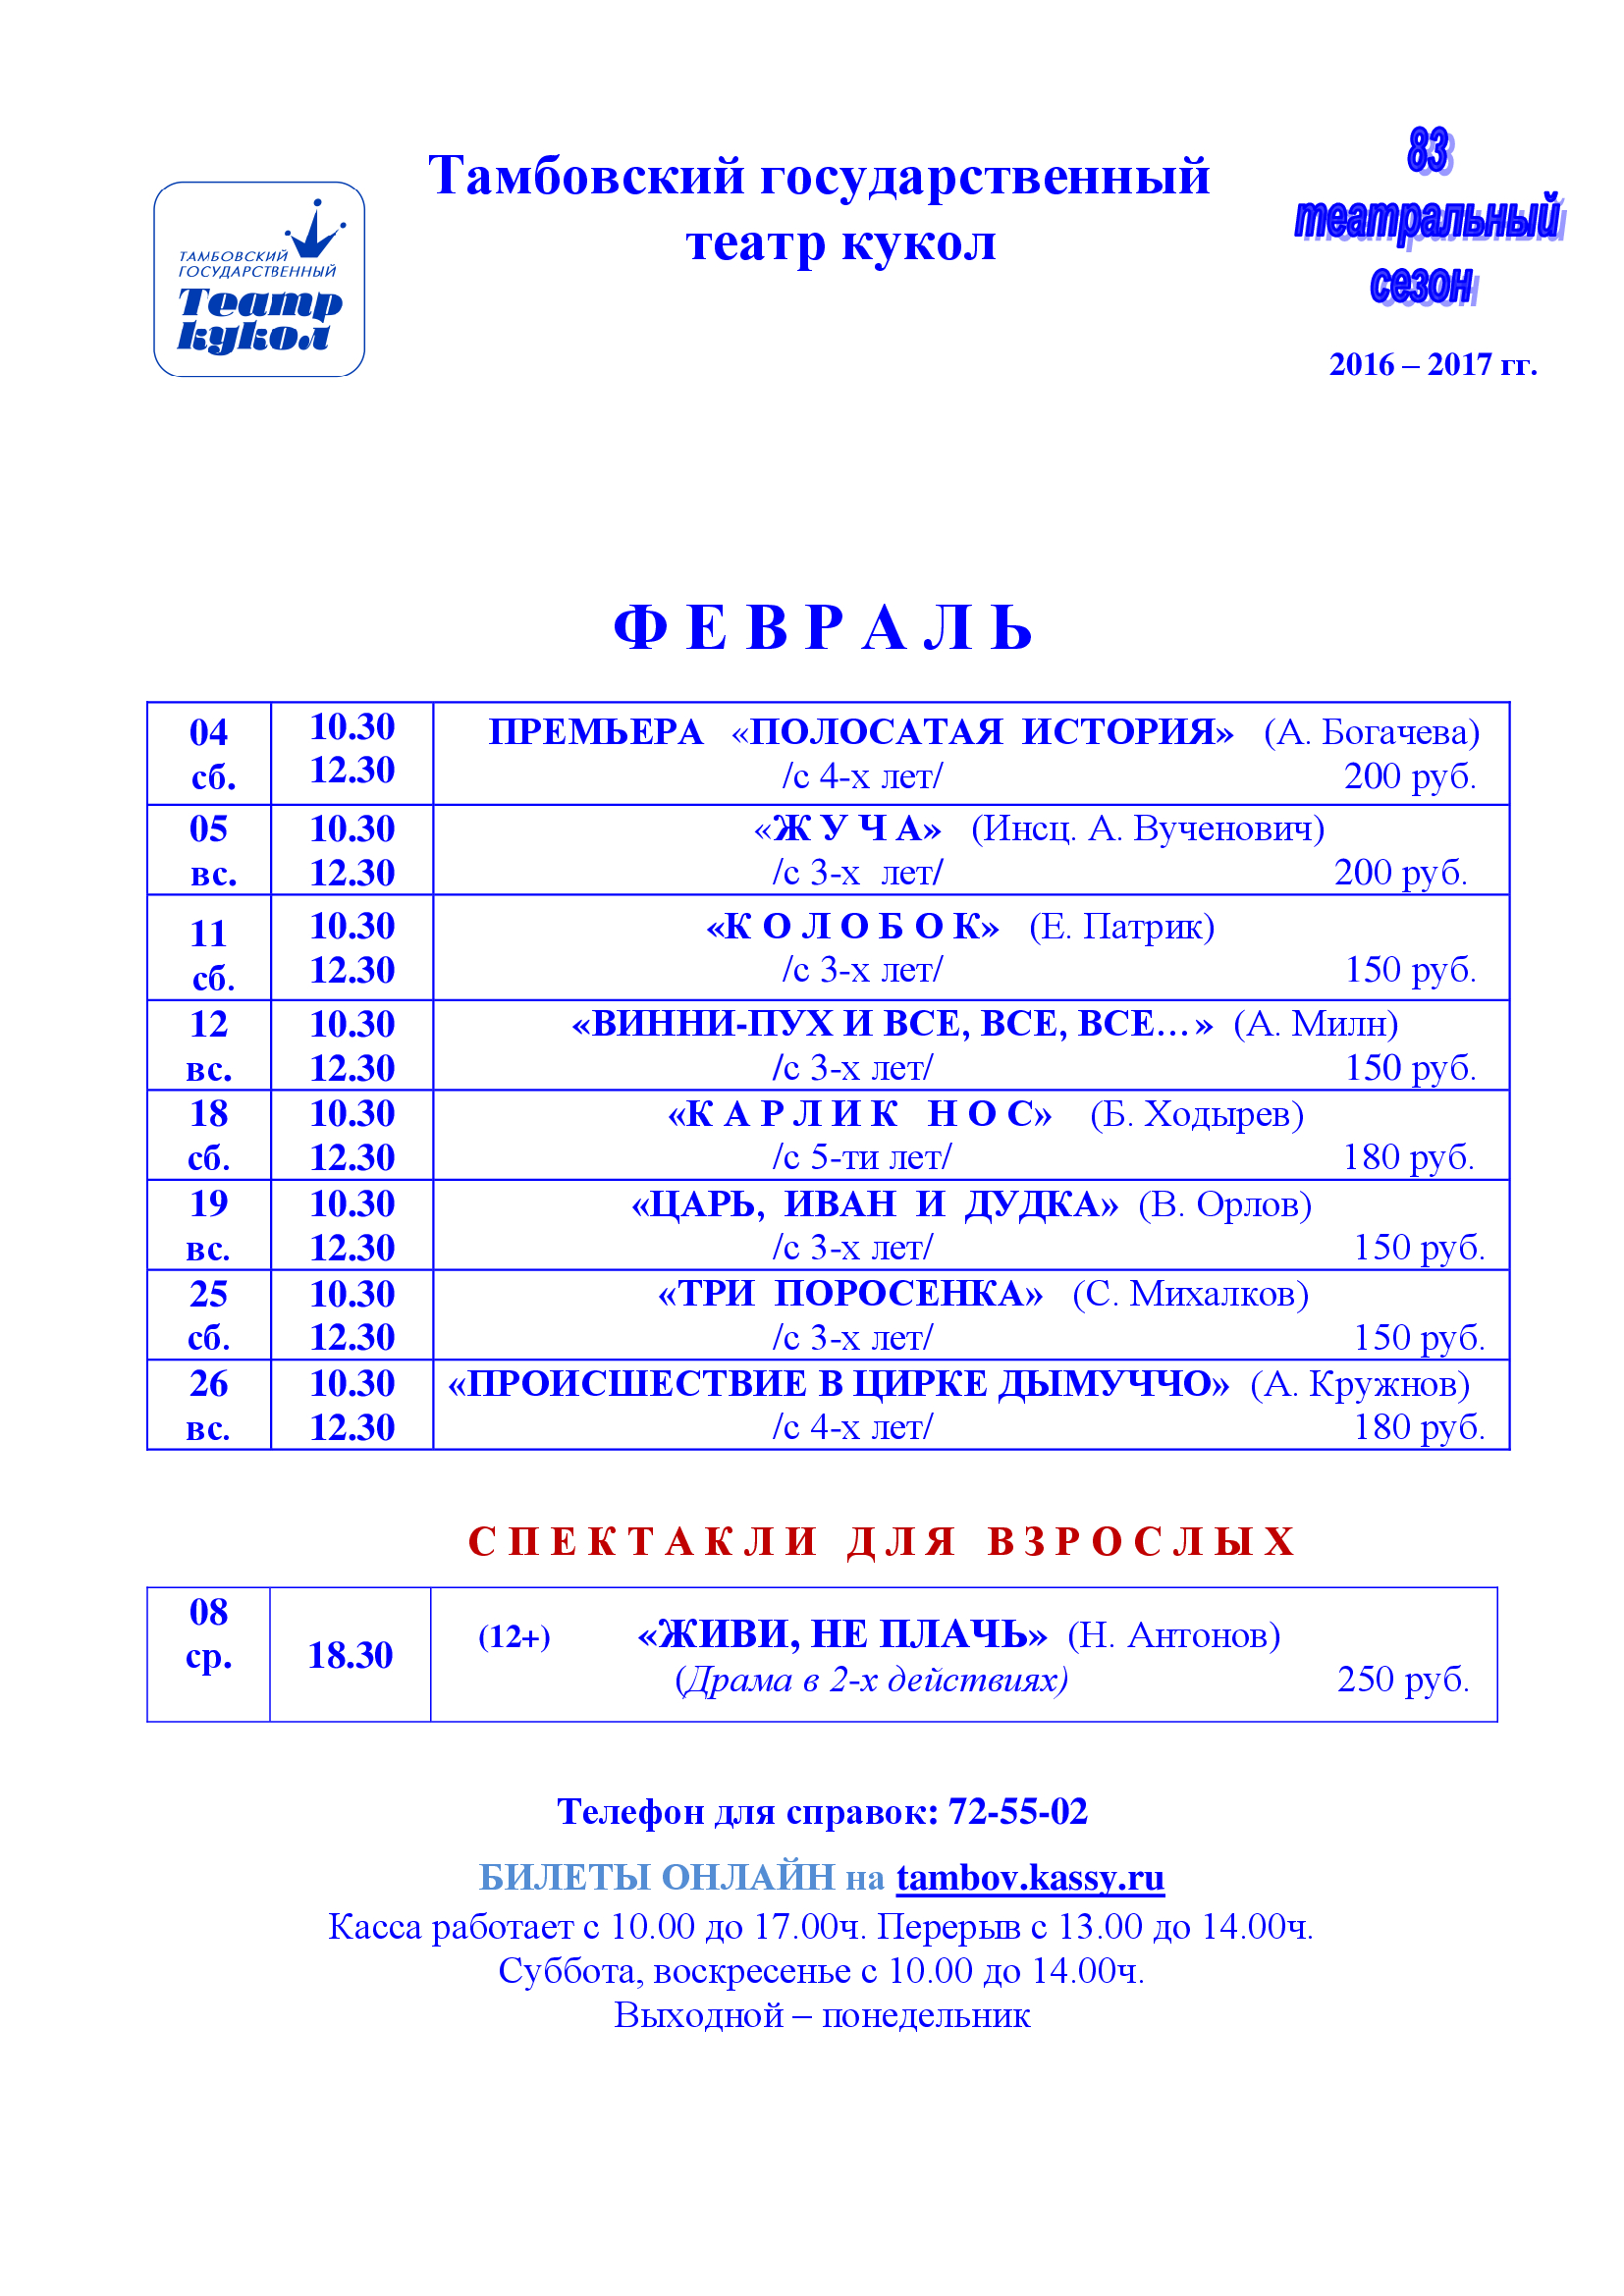 Афиша кукольный театр тамбов афиша премьера продажа билетов в спб